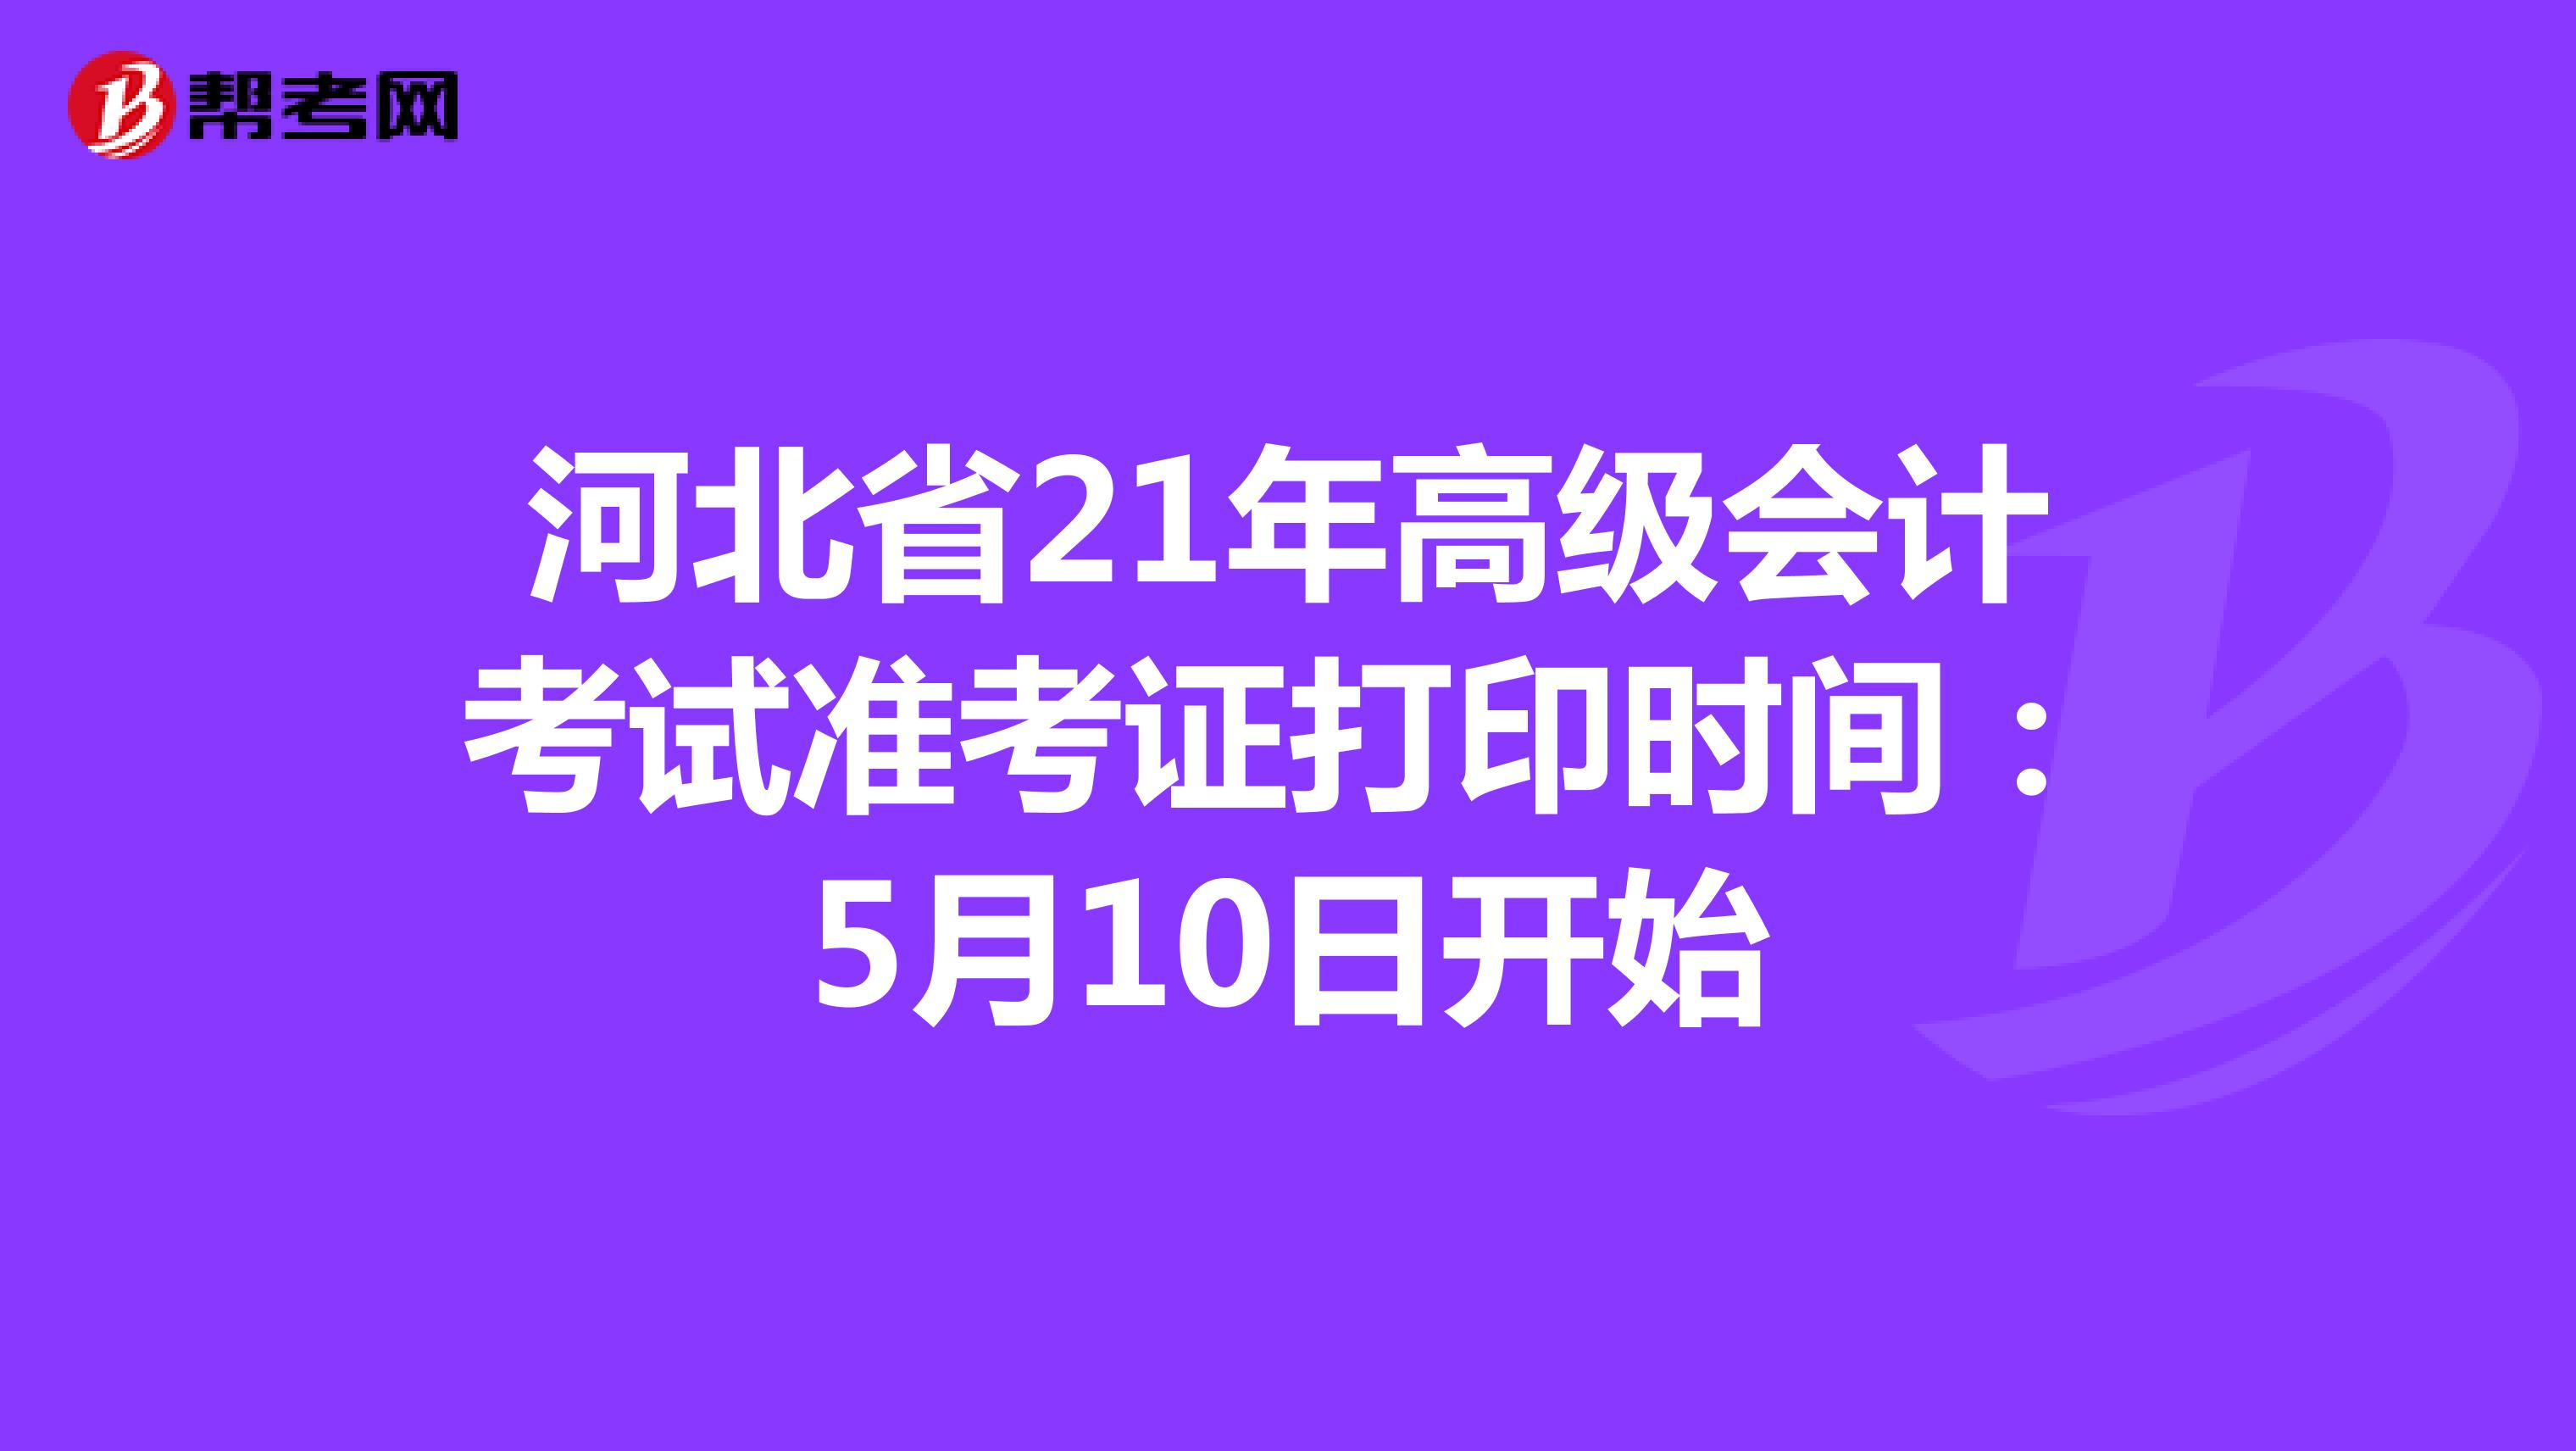 河北省21年高级会计考试准考证打印时间:5月10日开始